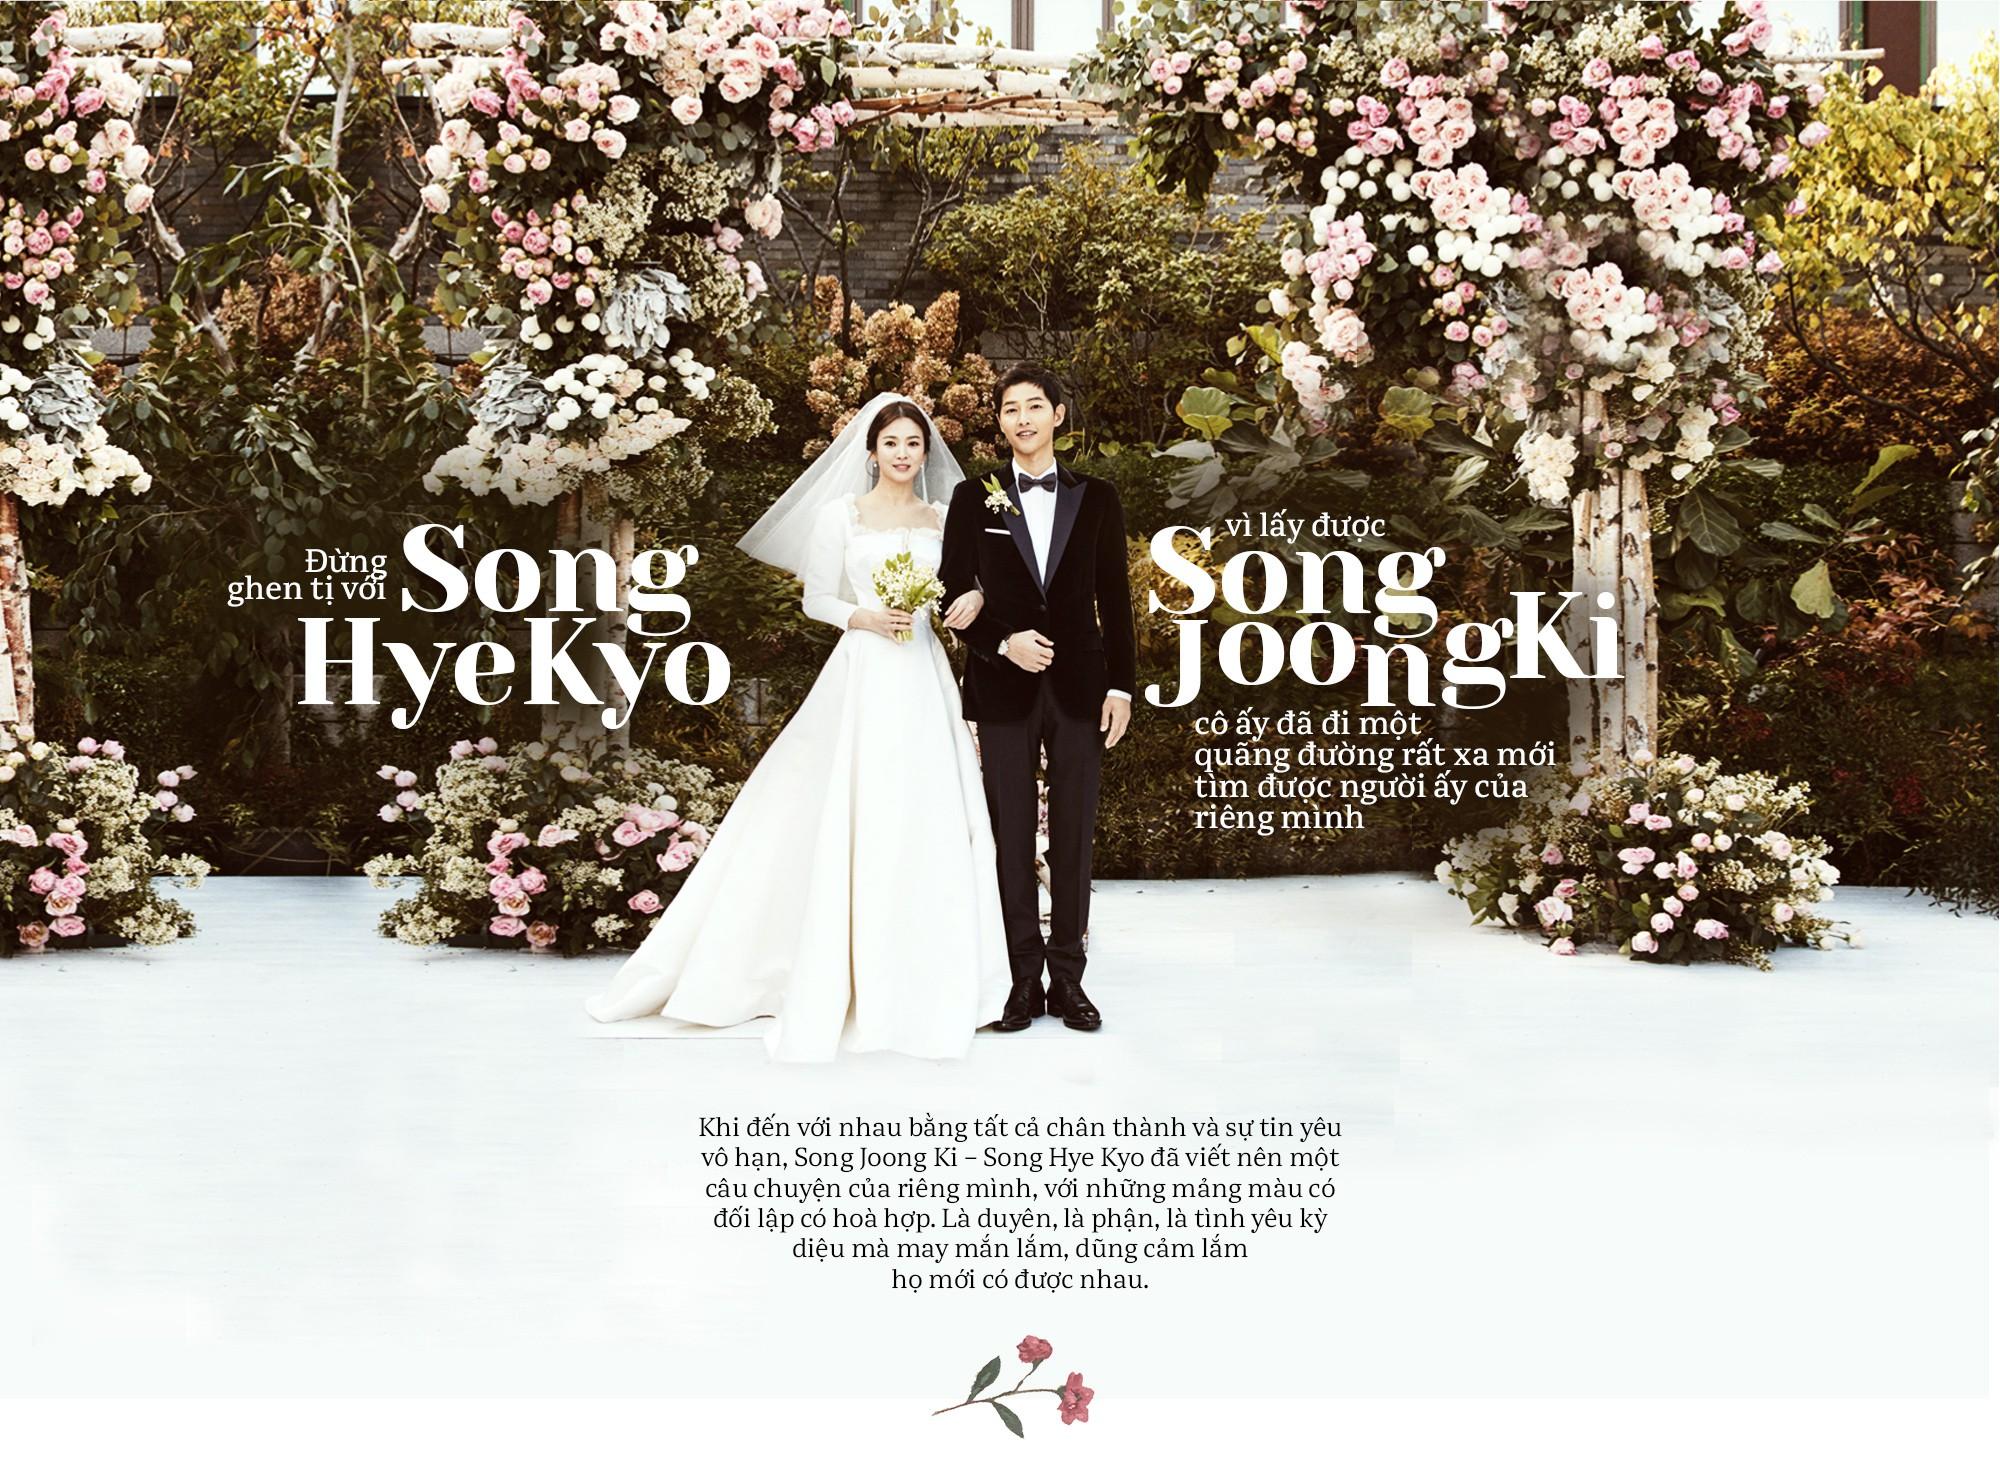 Bức tâm thư của Song Joong Ki gửi đến Song Hye Kyo ngay đám cưới khiến fan xúc động 1